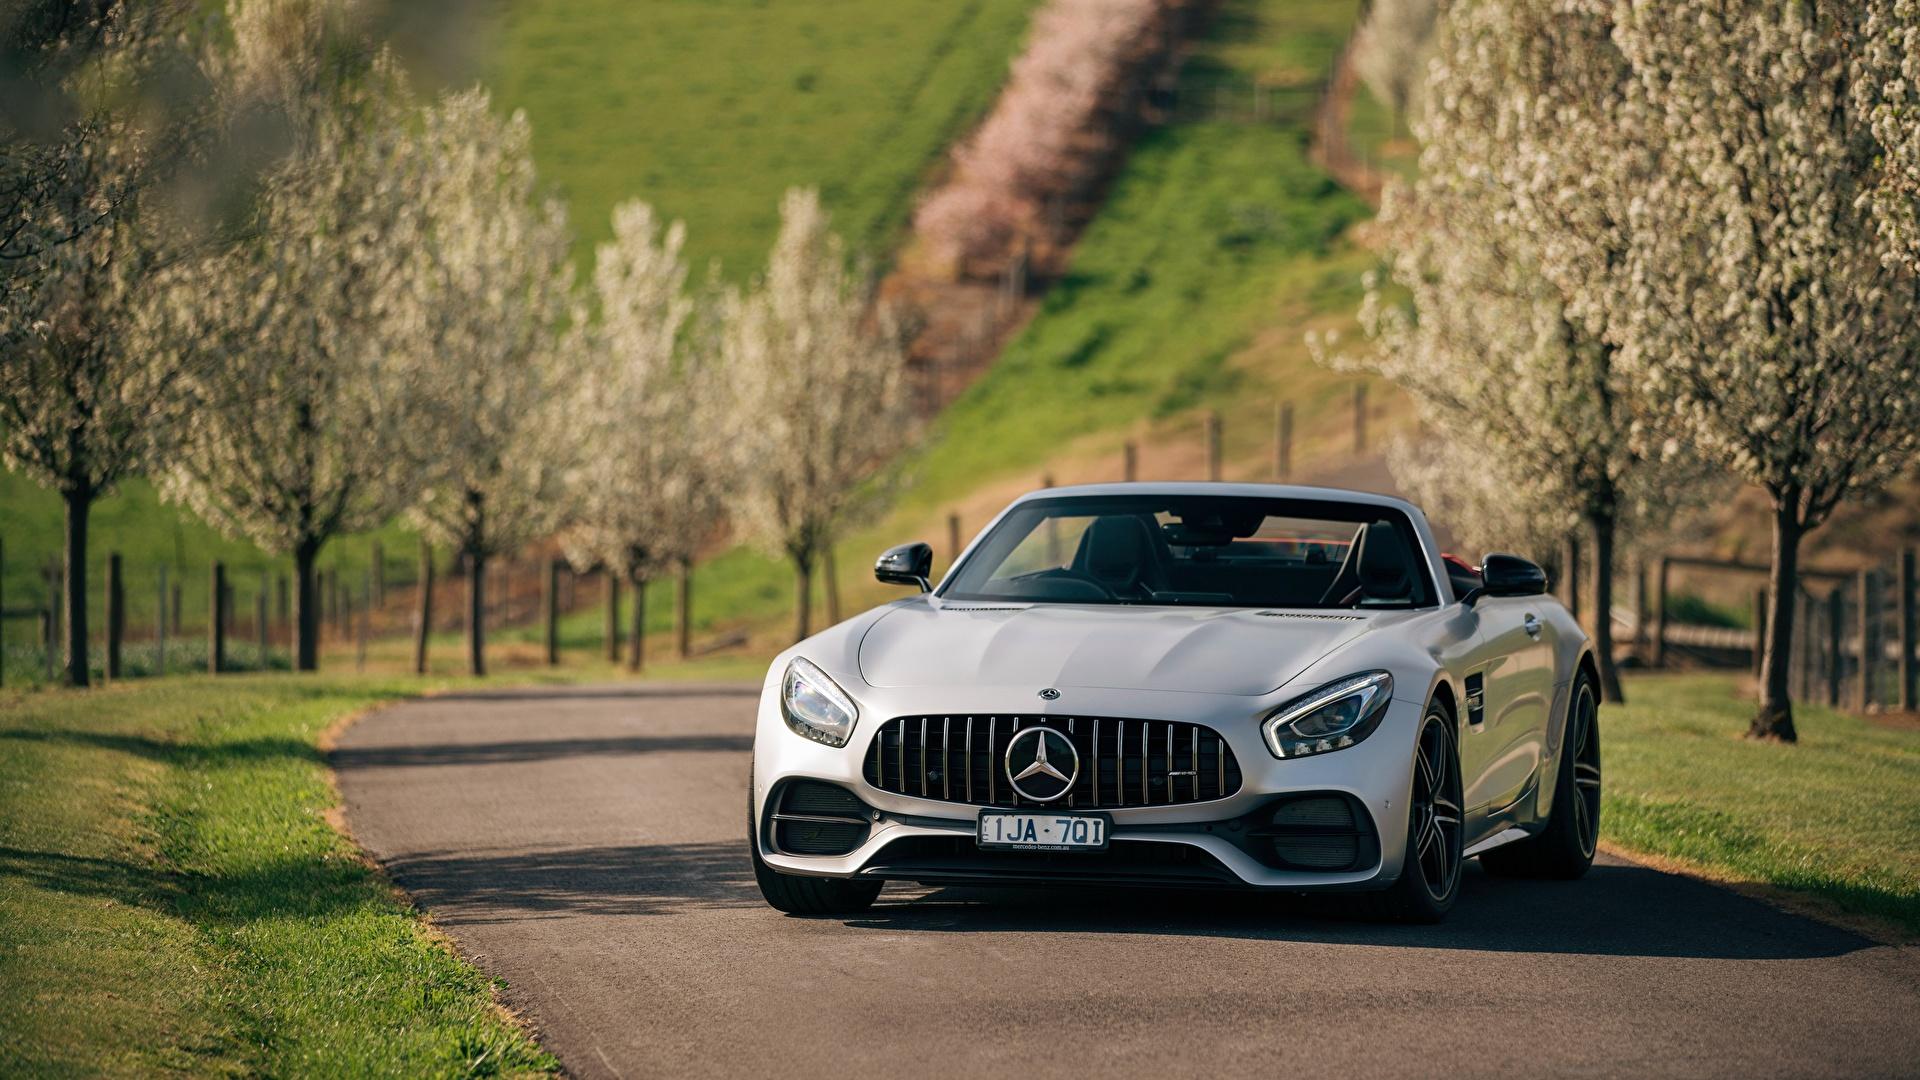 Картинки Mercedes-Benz AMG 2018 GT C Родстер машины Спереди 1920x1080 Мерседес бенц авто машина автомобиль Автомобили